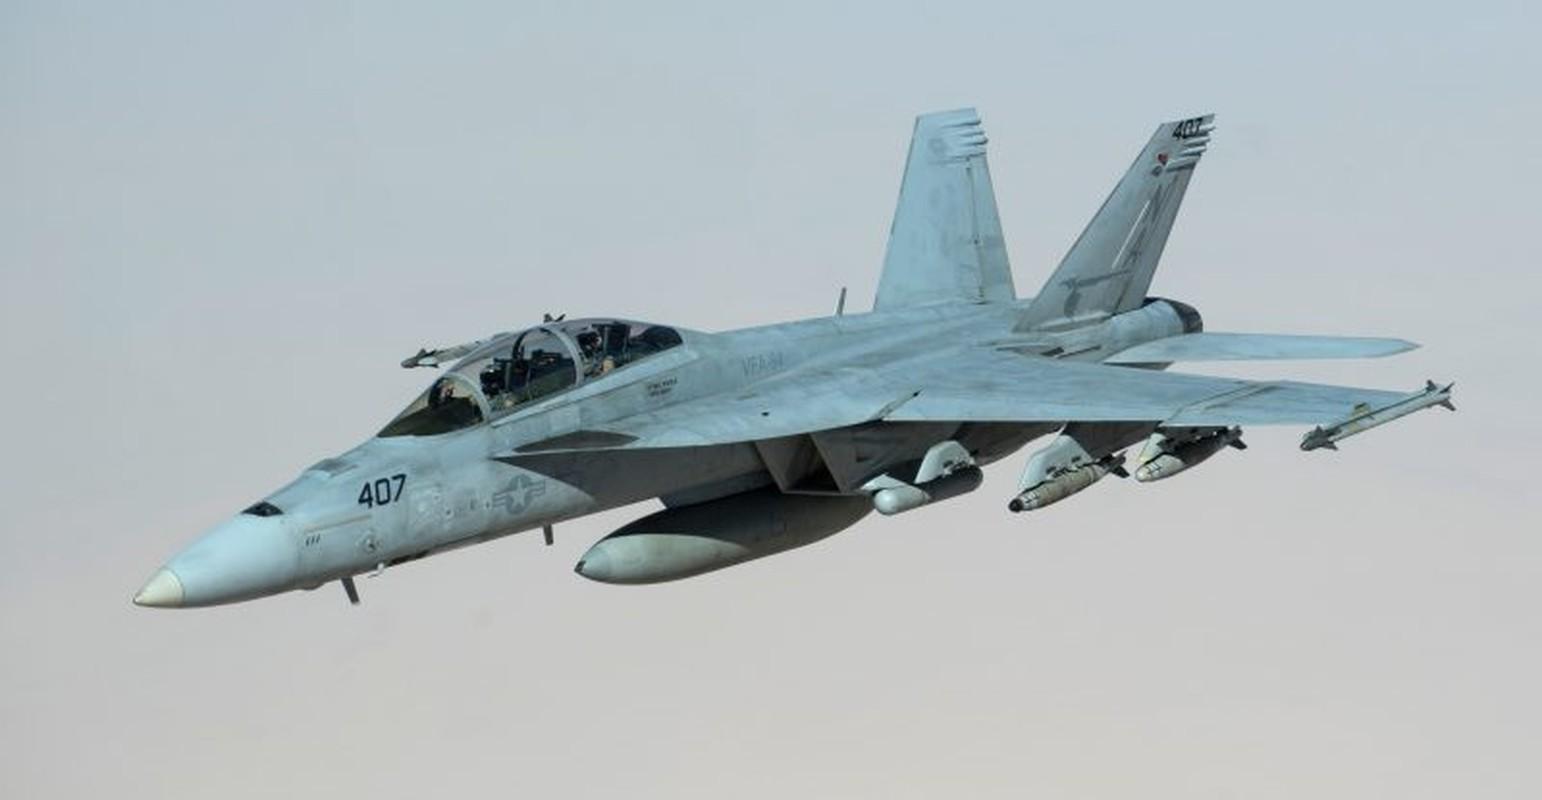 F-18E/F van la tiem kich ham chu luc cua My den 20 nam nua-Hinh-14